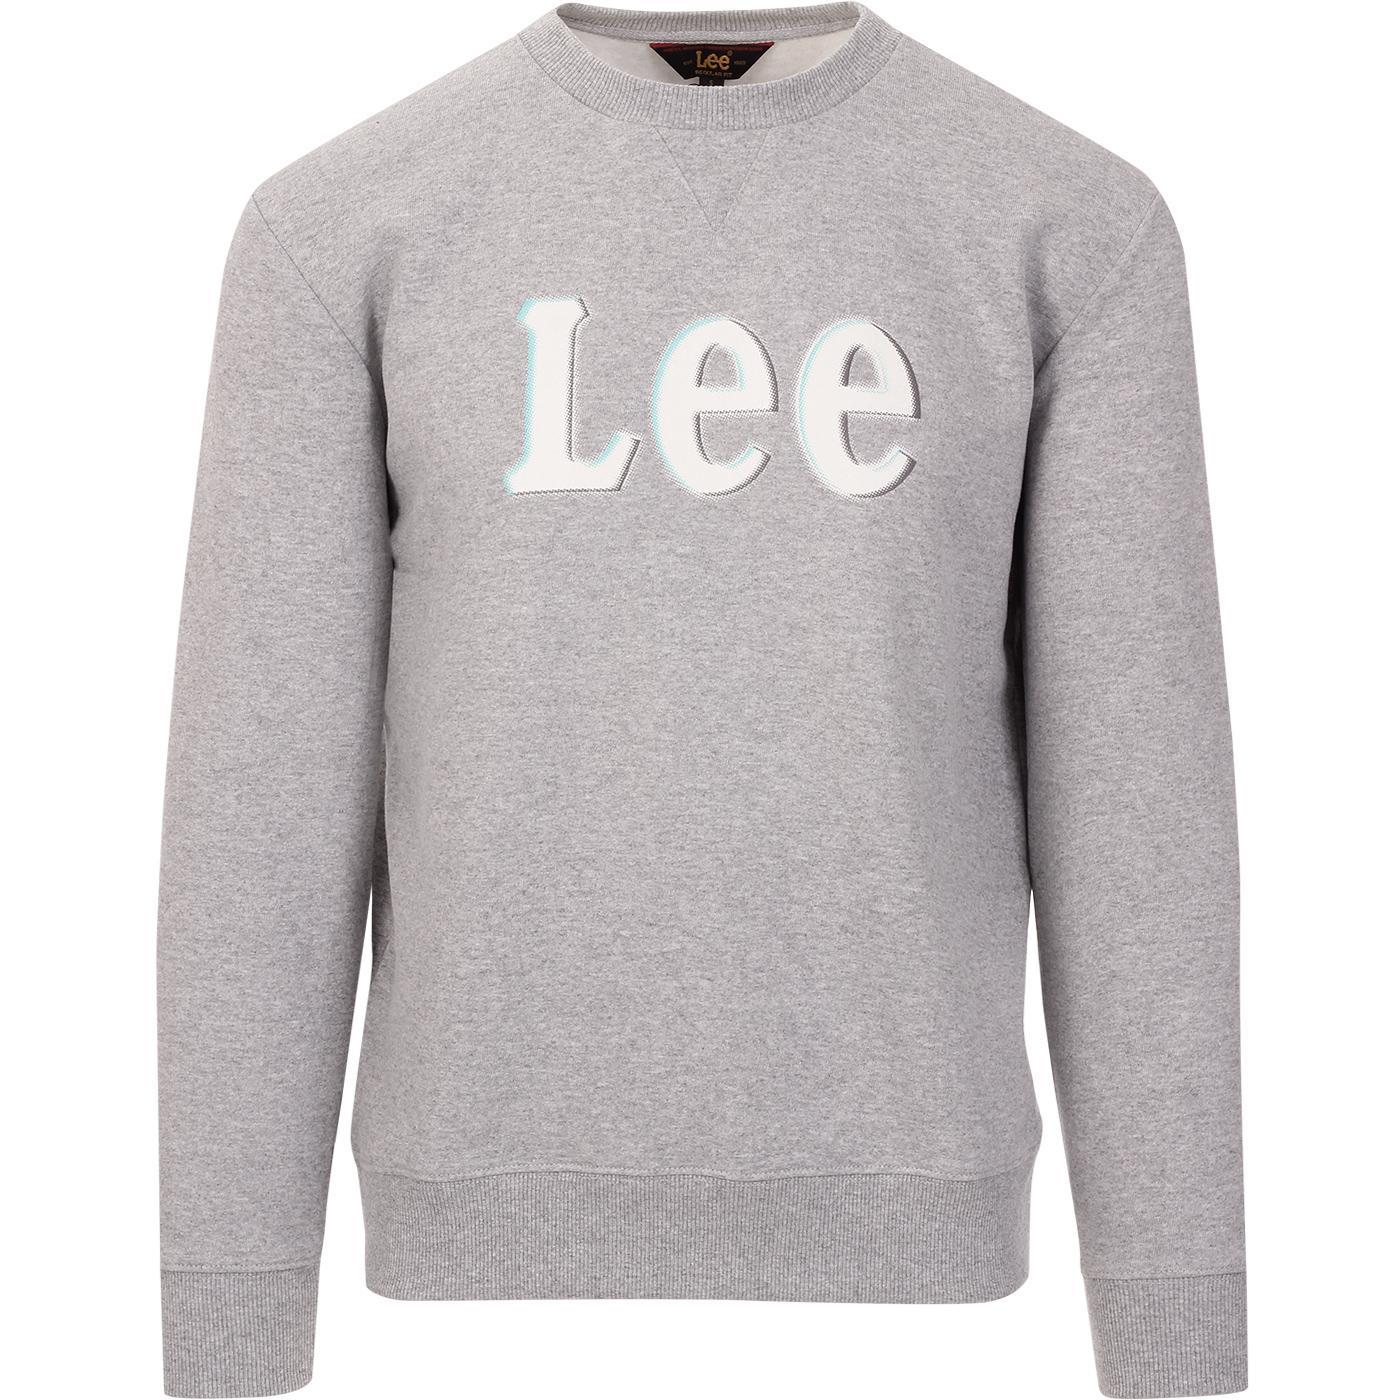 LEE JEANS Retro Crewneck Logo Sweatshirt in Grey